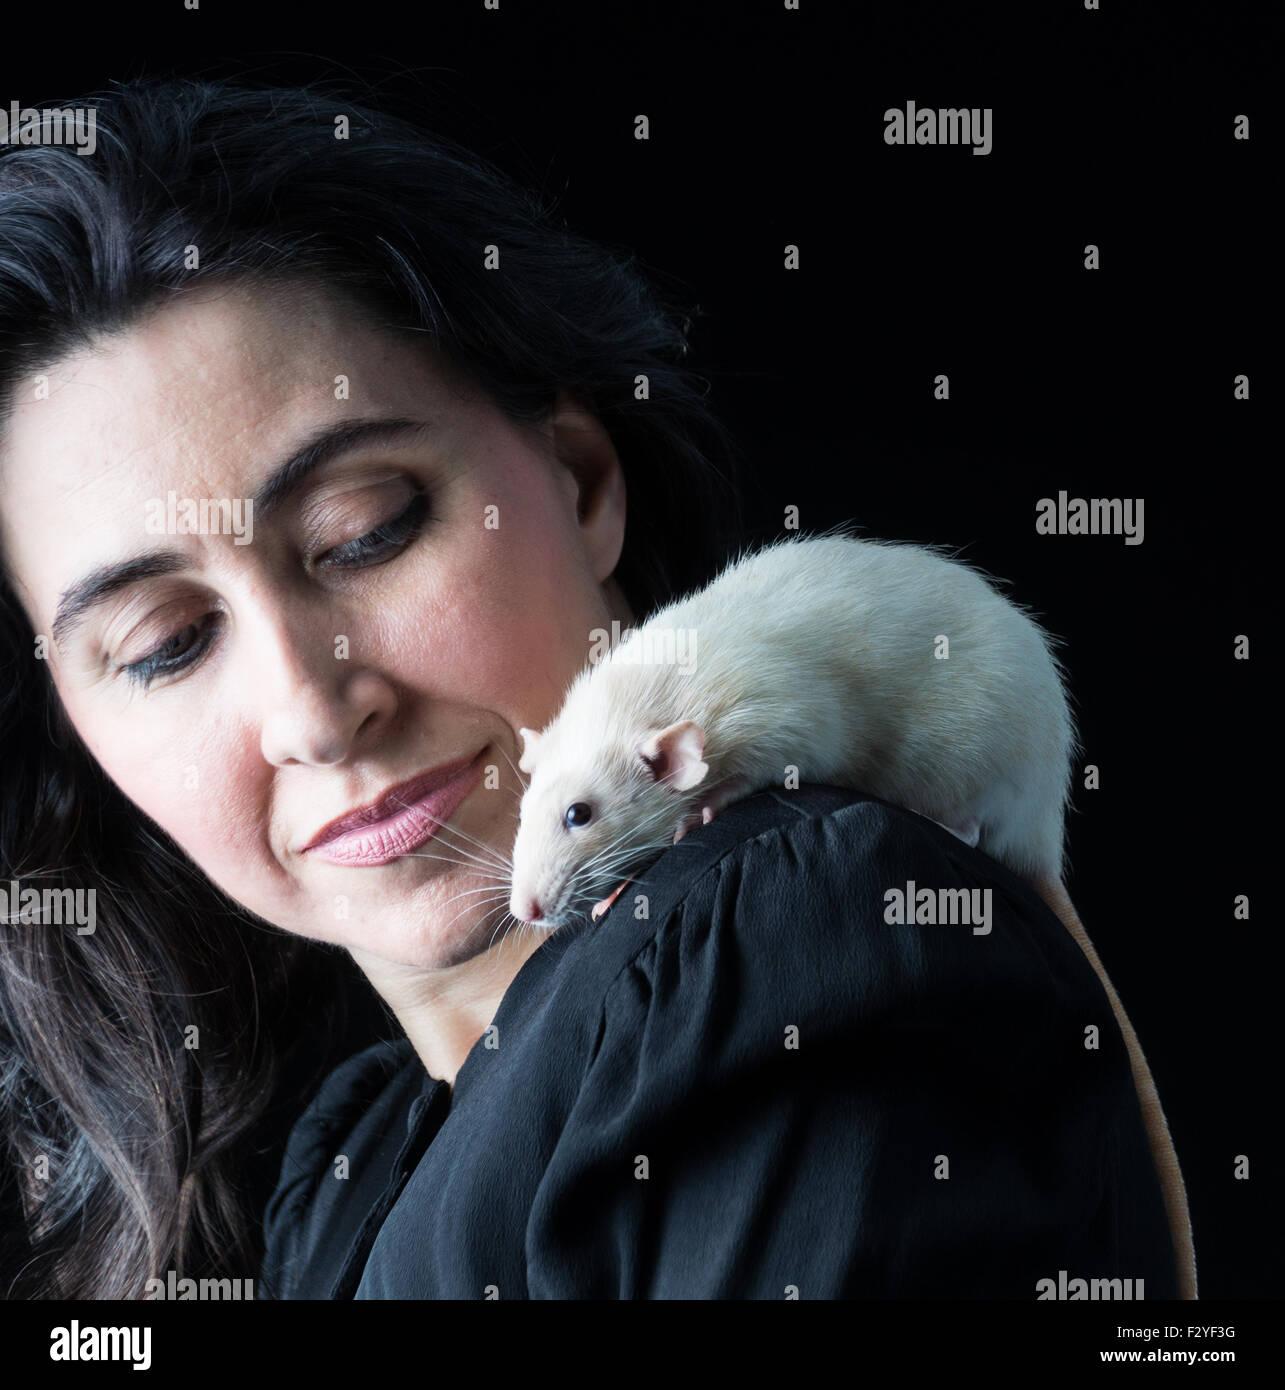 Mujer de pie negro con rata blanca para llevar al hombro. Imagen De Stock